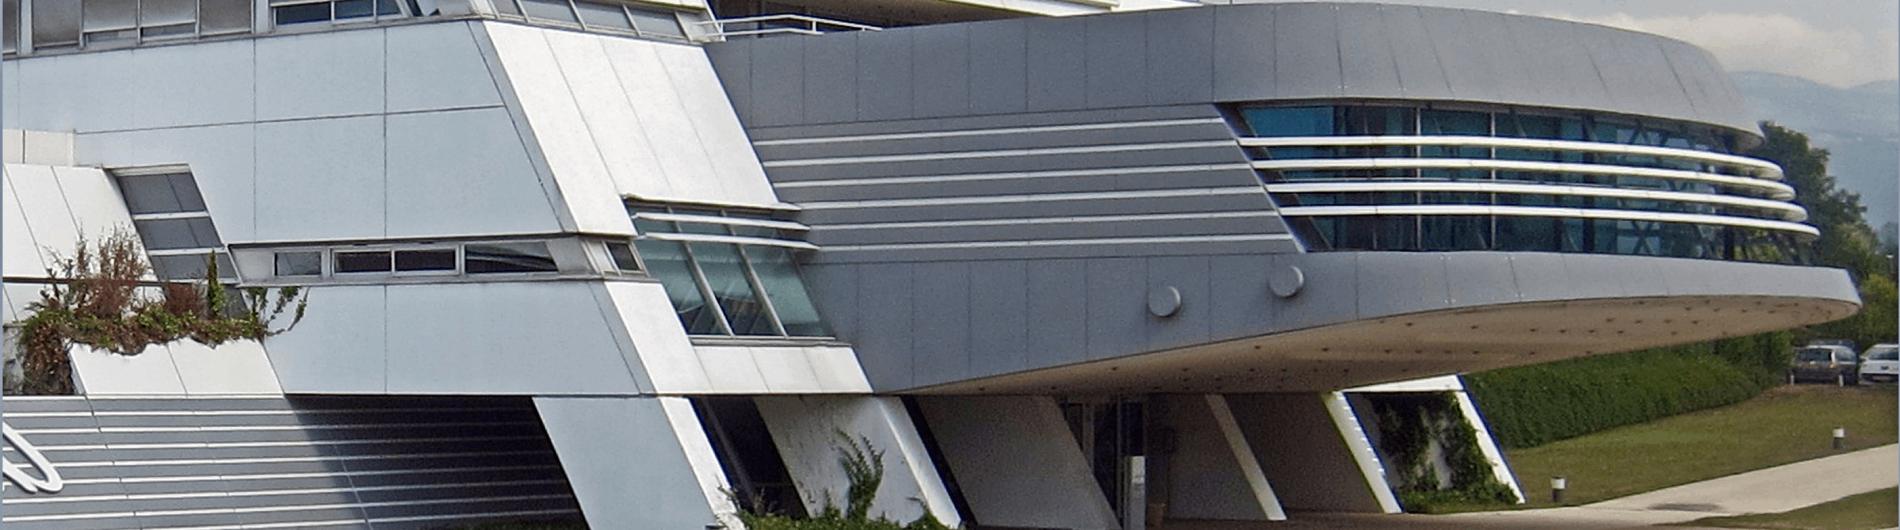 ASP - Alarmes et vidéosurveillance à Nice